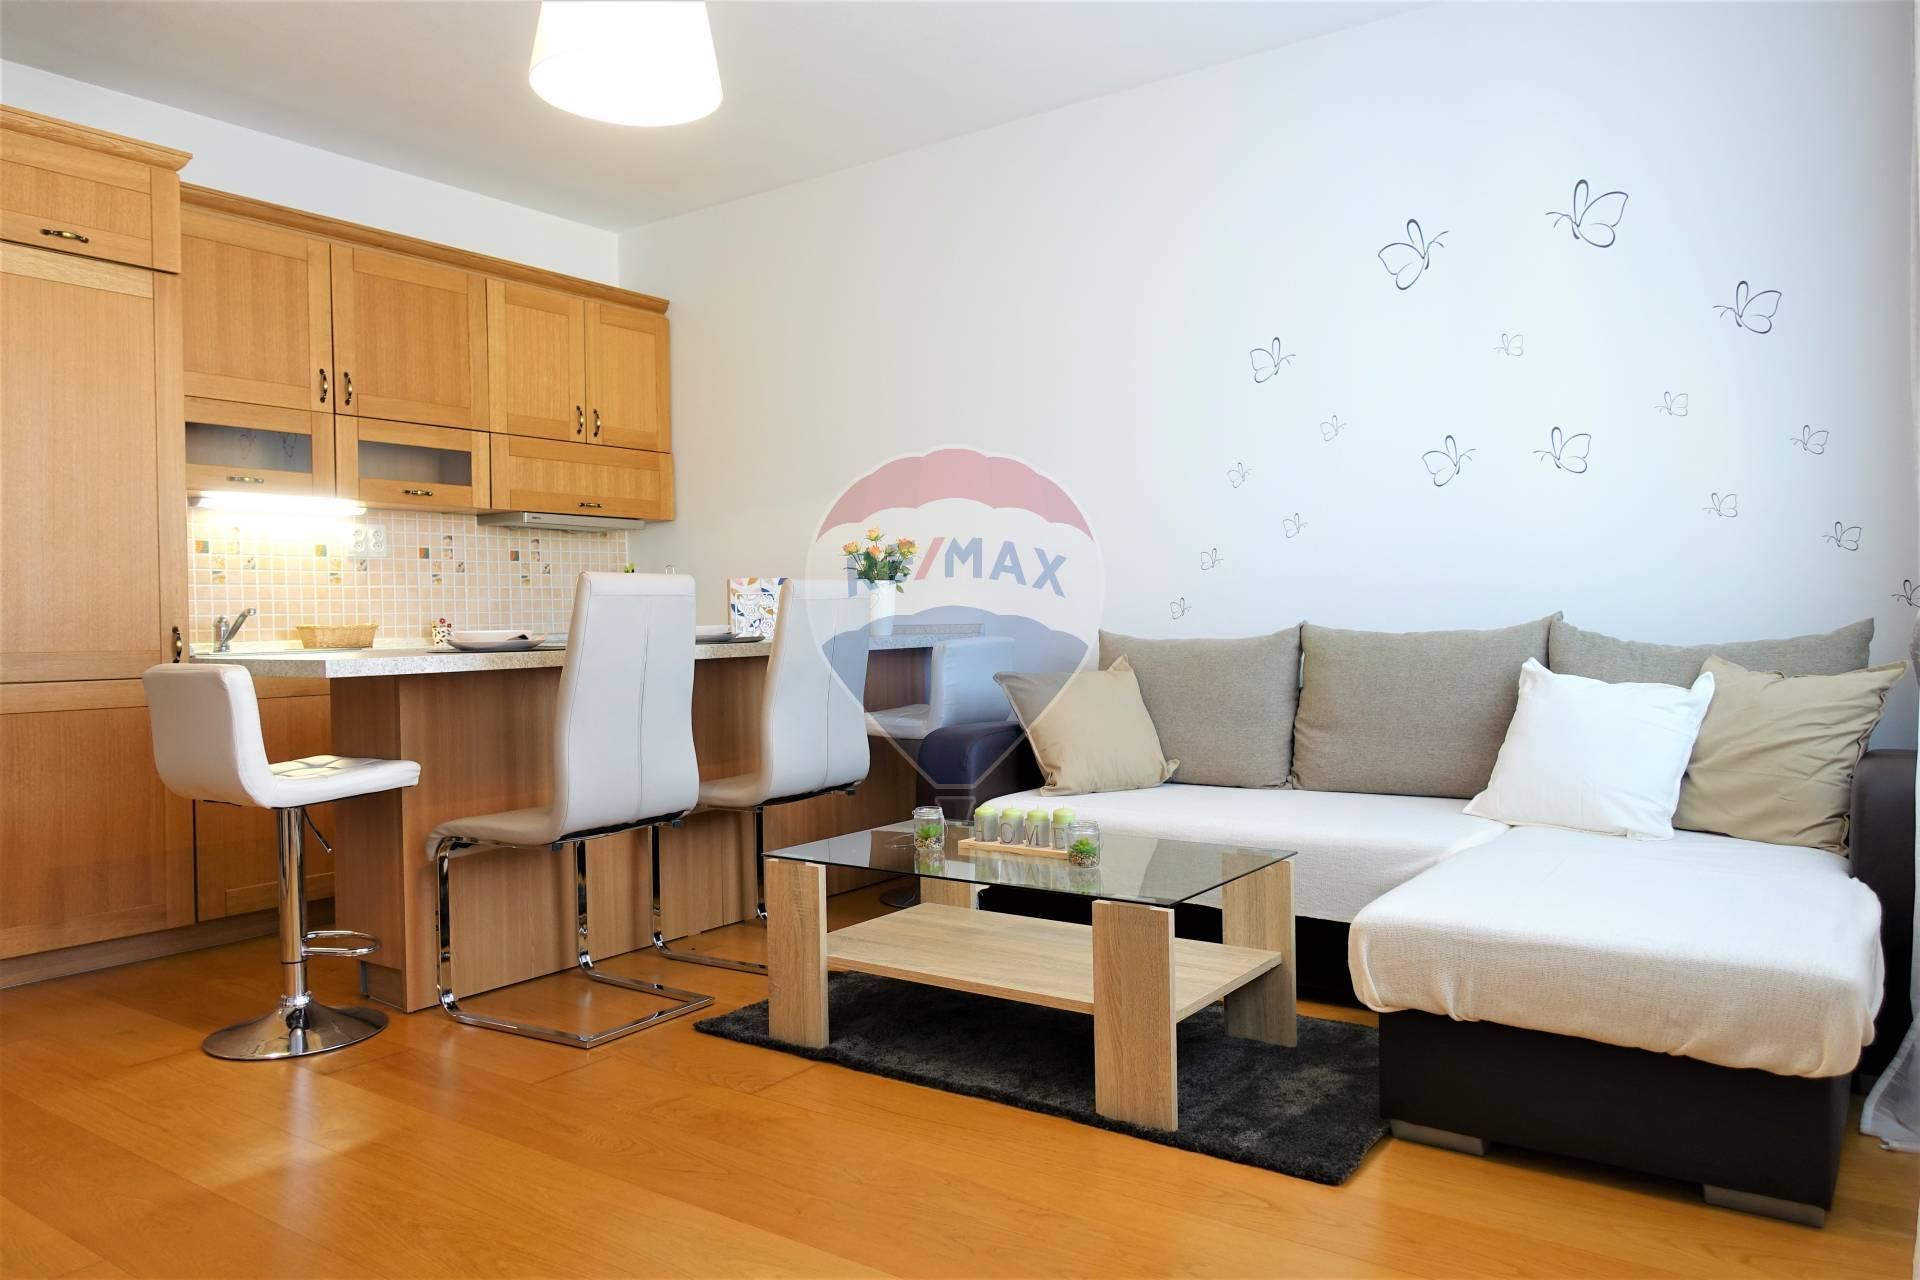 Predaj 1 izb. zariadeného bytu v Senci, nadštandardné materiály, Pezinská ul.